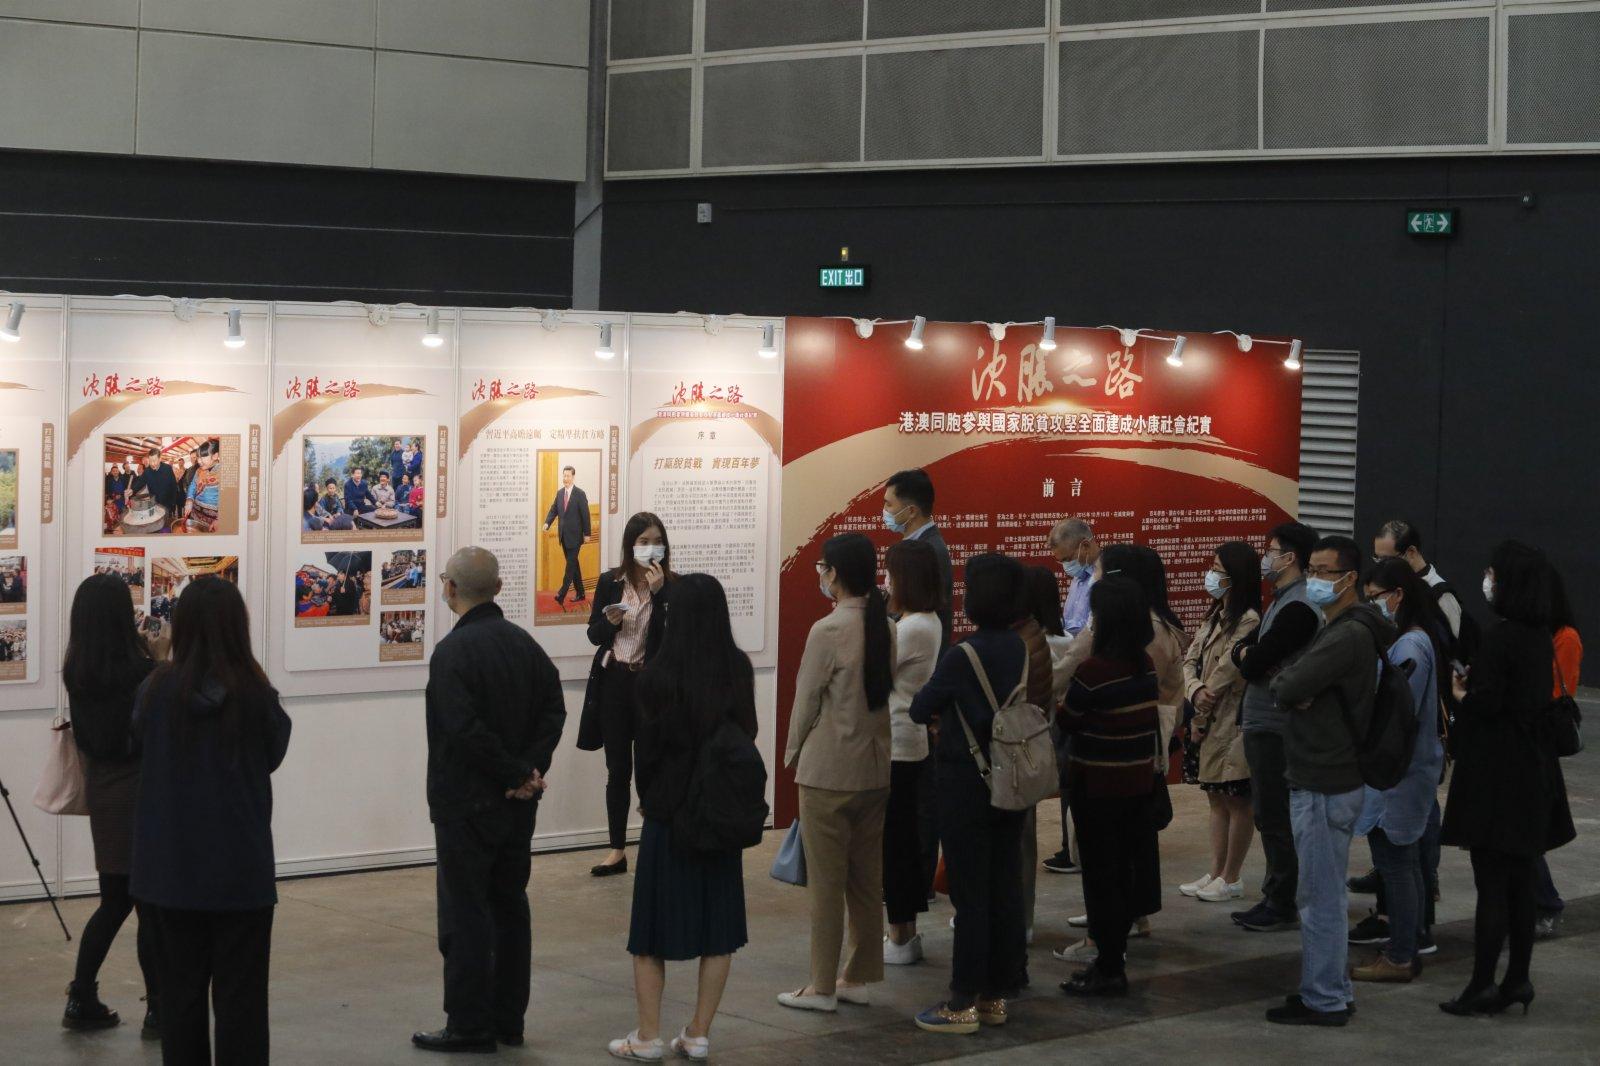 由香港大公文匯傳媒集團主辦的「決勝之路——港澳同胞參與國家脫貧攻堅全面建成小康社會紀實」展覽,今日(24日)第二天在香港會展中心舉行,多間企業機構代表和市民前來參觀,不少人對國家在脫貧攻堅工作取得的成就深感振奮和自豪。中國電信、 中國移動、中國太平等多間企業香港員工今日中午先後到場參觀展覽。其間,大家認真聽取了展覽講解員的介紹,並觀看了展板內容。大公文匯全媒體記者 攝